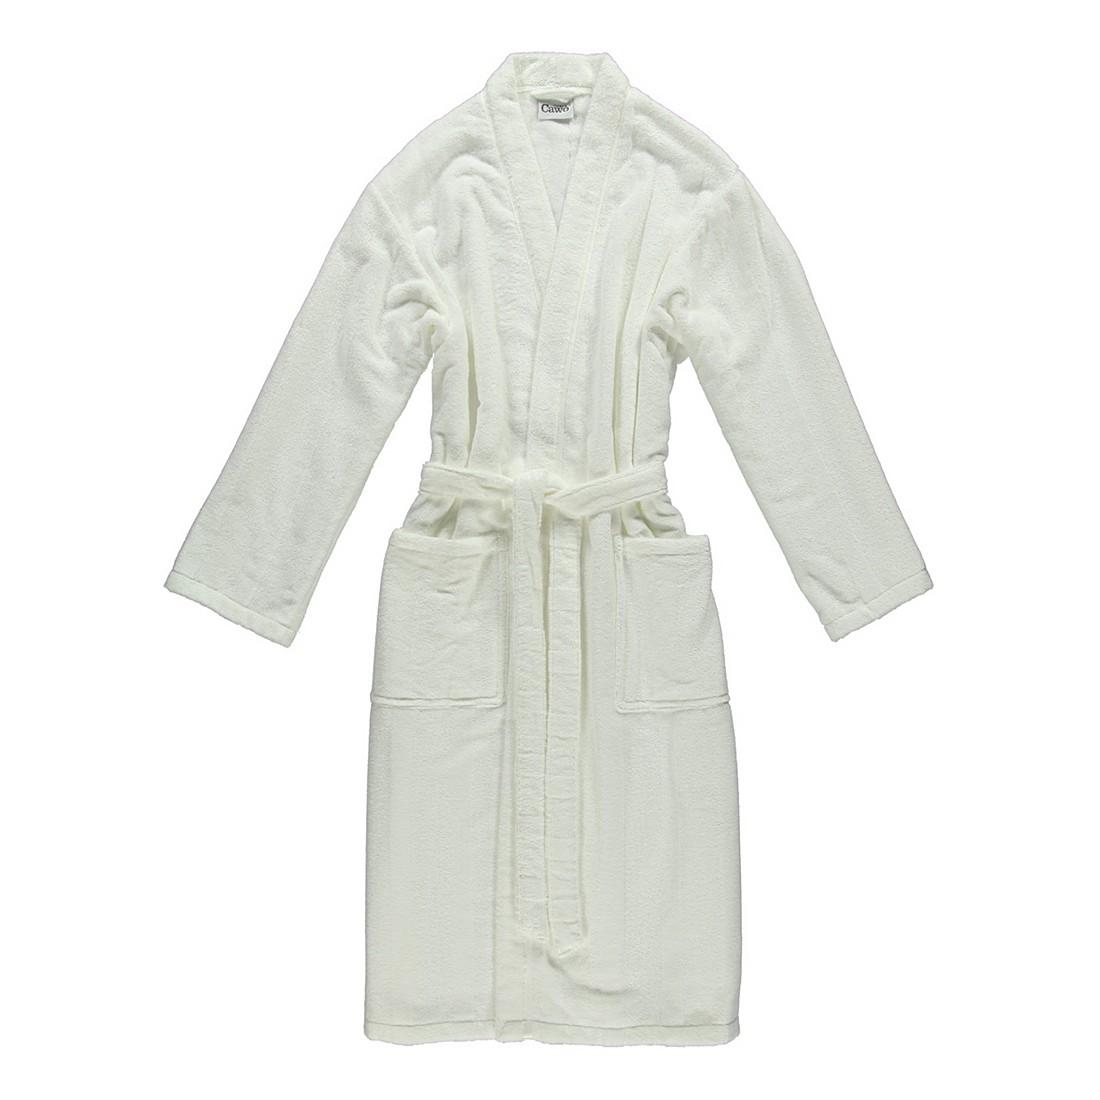 Bademantel 1002 Noblesse – Herren – FRottier – 100% Baumwolle Weiß – 600 – Größe: L, Cawö online kaufen